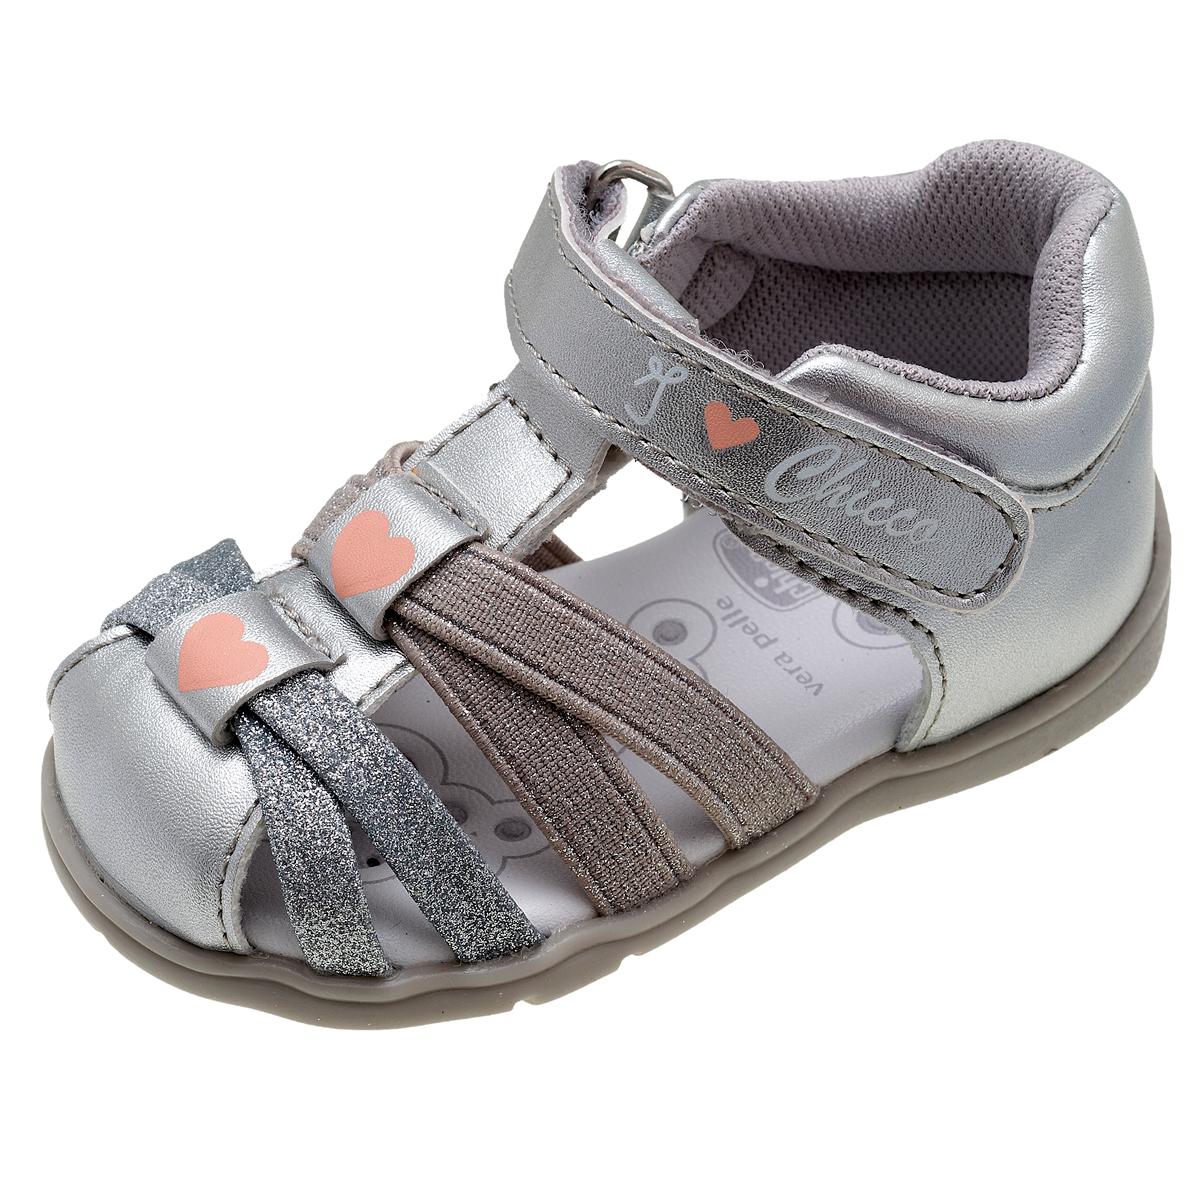 Sandale copii Chicco Giasmine, bleu deschis, 61468